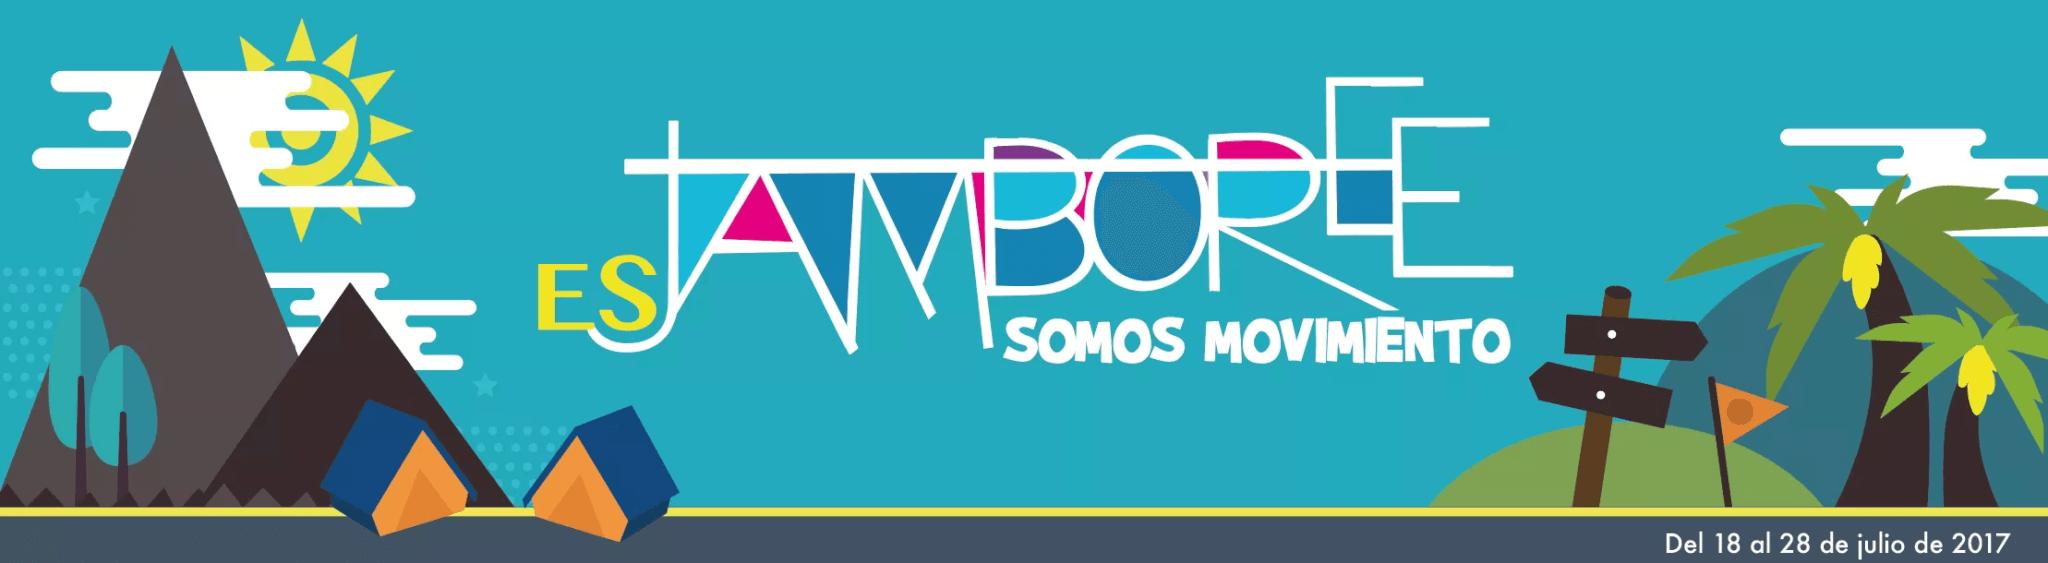 Іспанське Національне Джемборі 2017 відбудеться 18-28 липня на Канарських островах